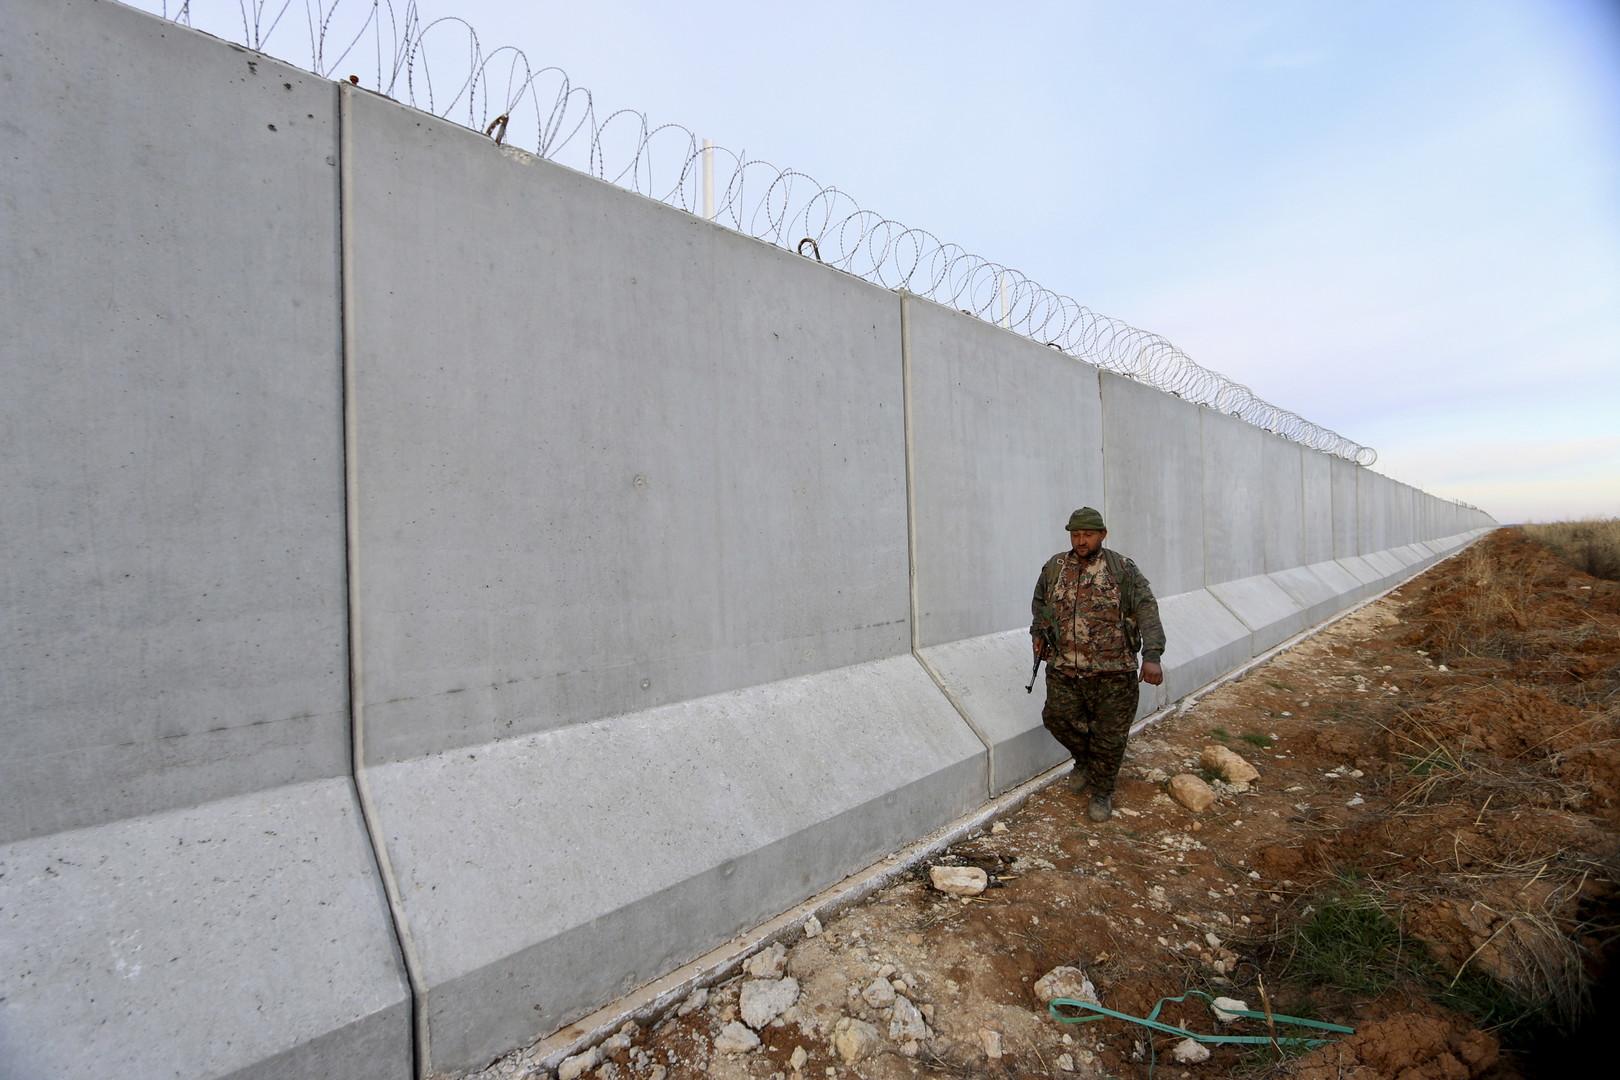 Ein kurdischer Milizionär patroulliert an der neuen Mauer zur Türkei, Ras al-Ain, Syrien, Januar 2016